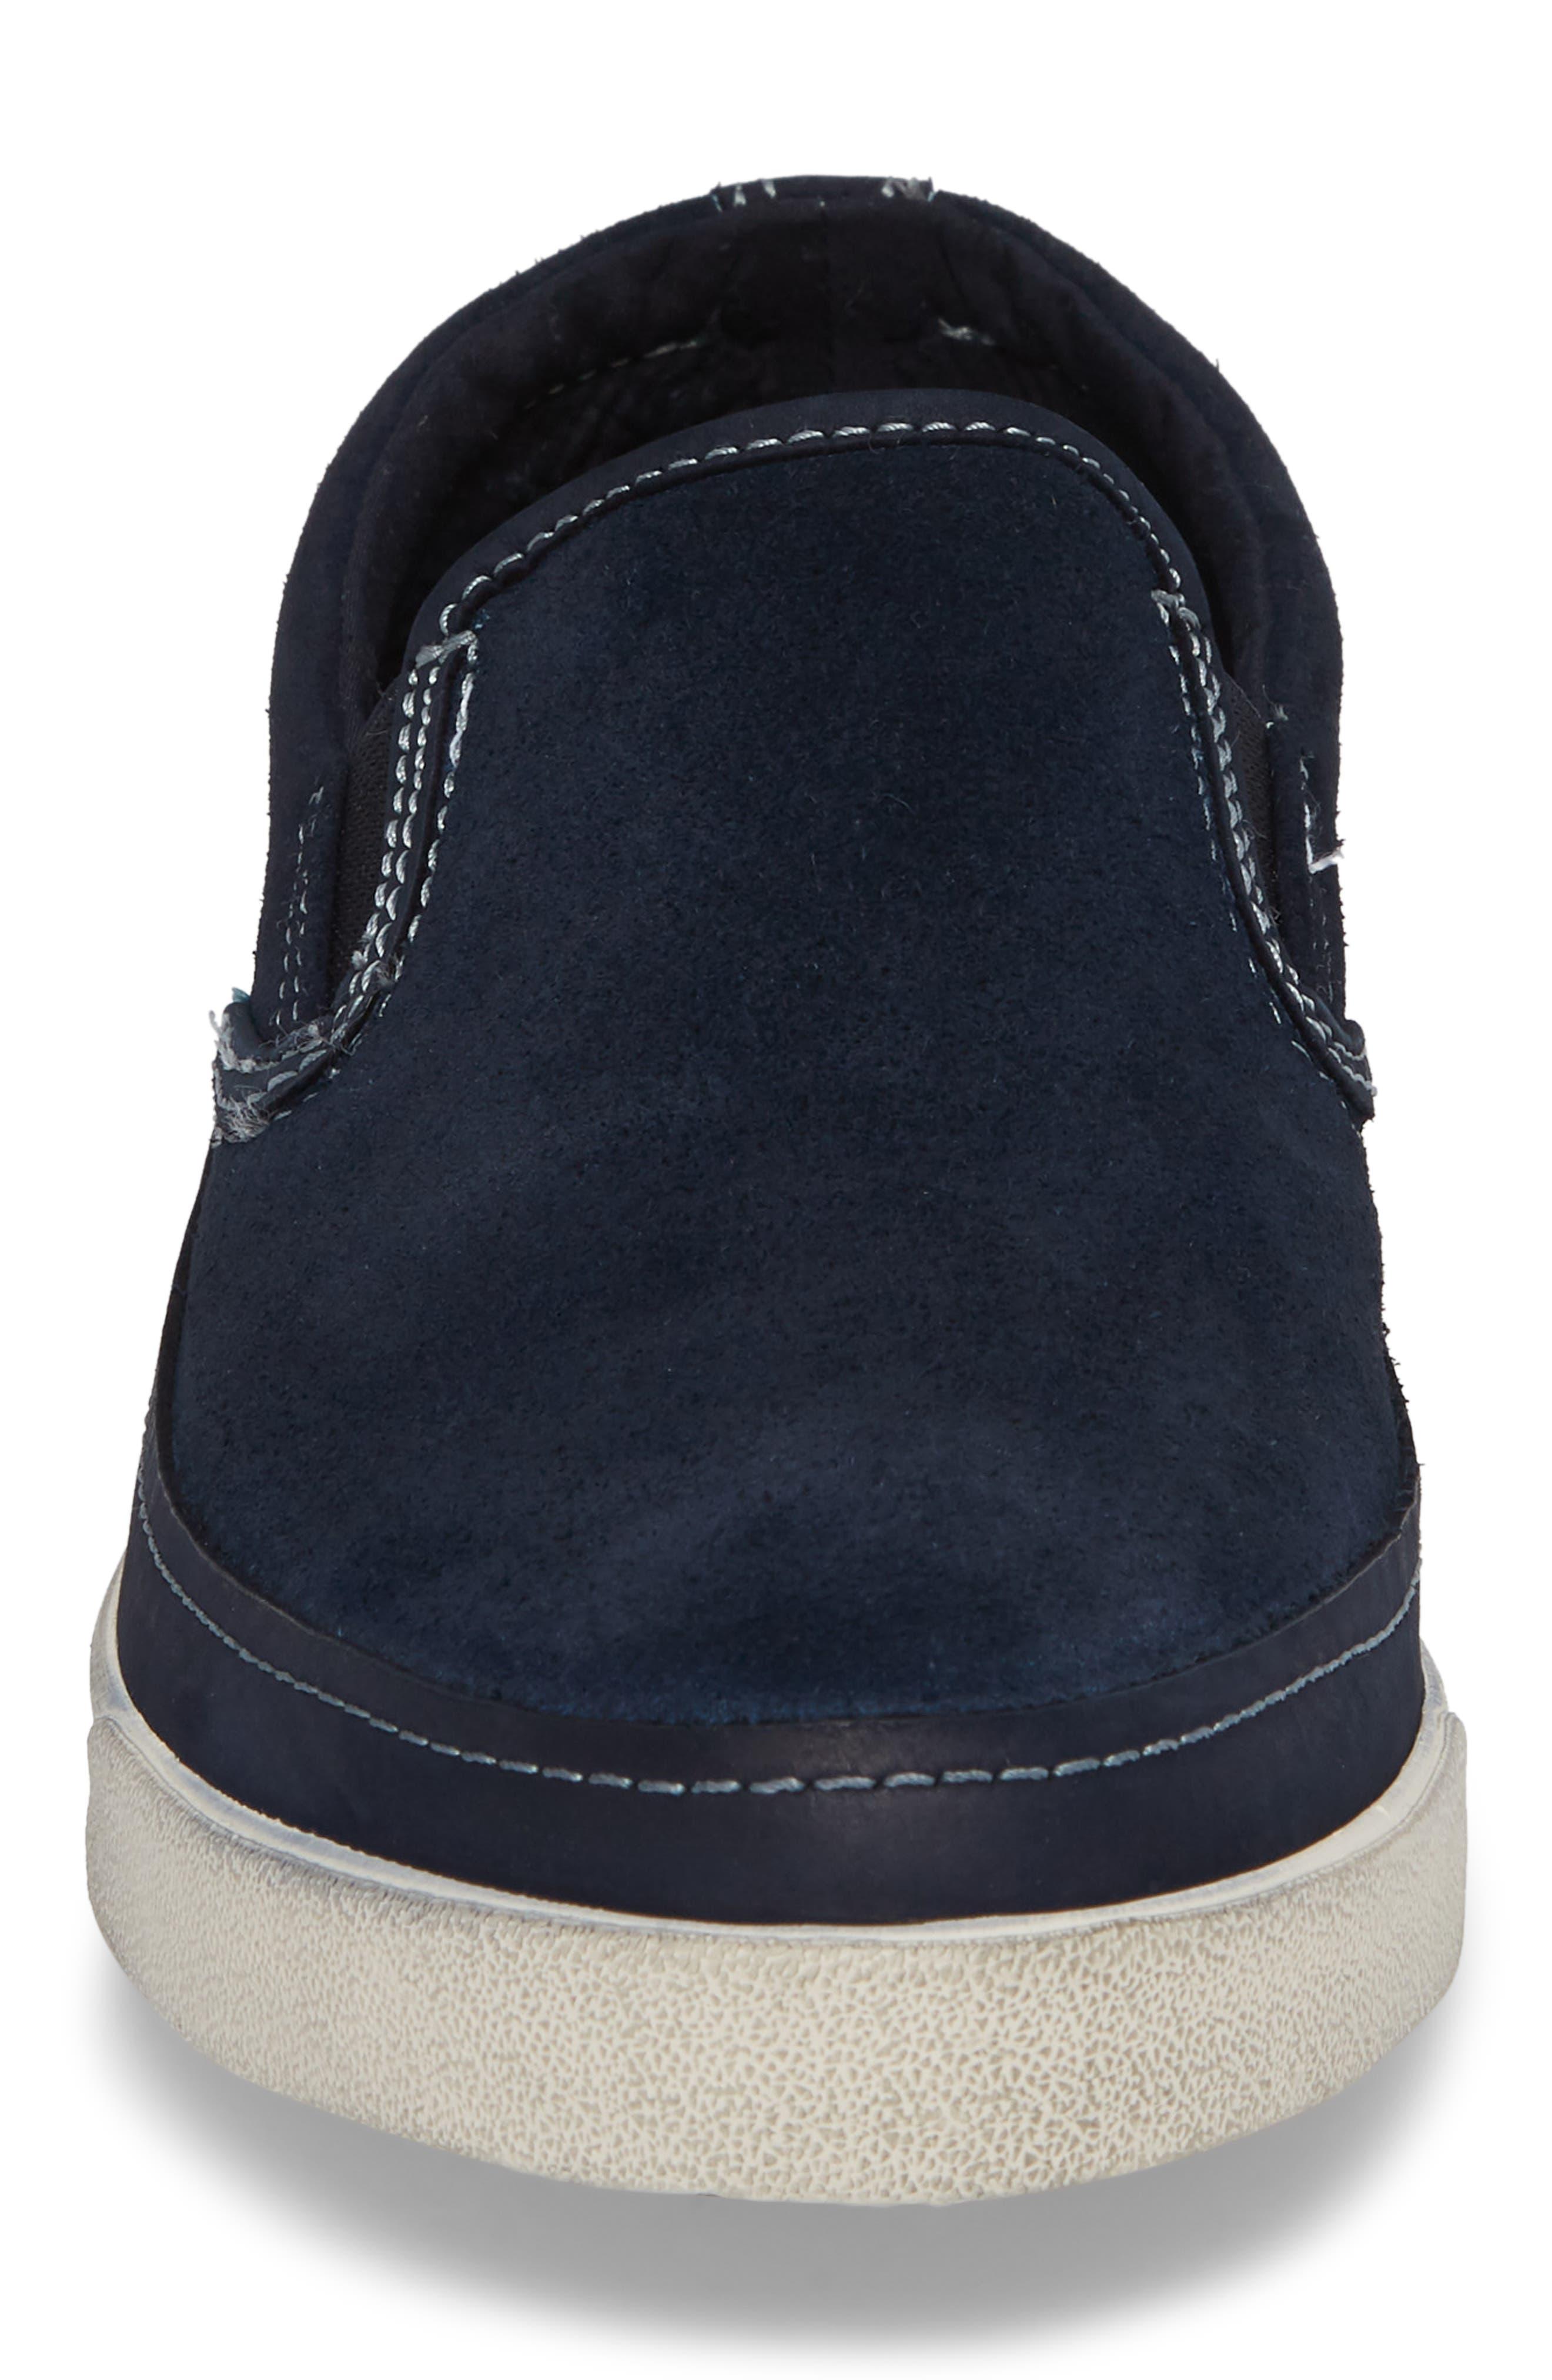 Jett Slip-On Sneaker,                             Alternate thumbnail 4, color,                             MIDNIGHT